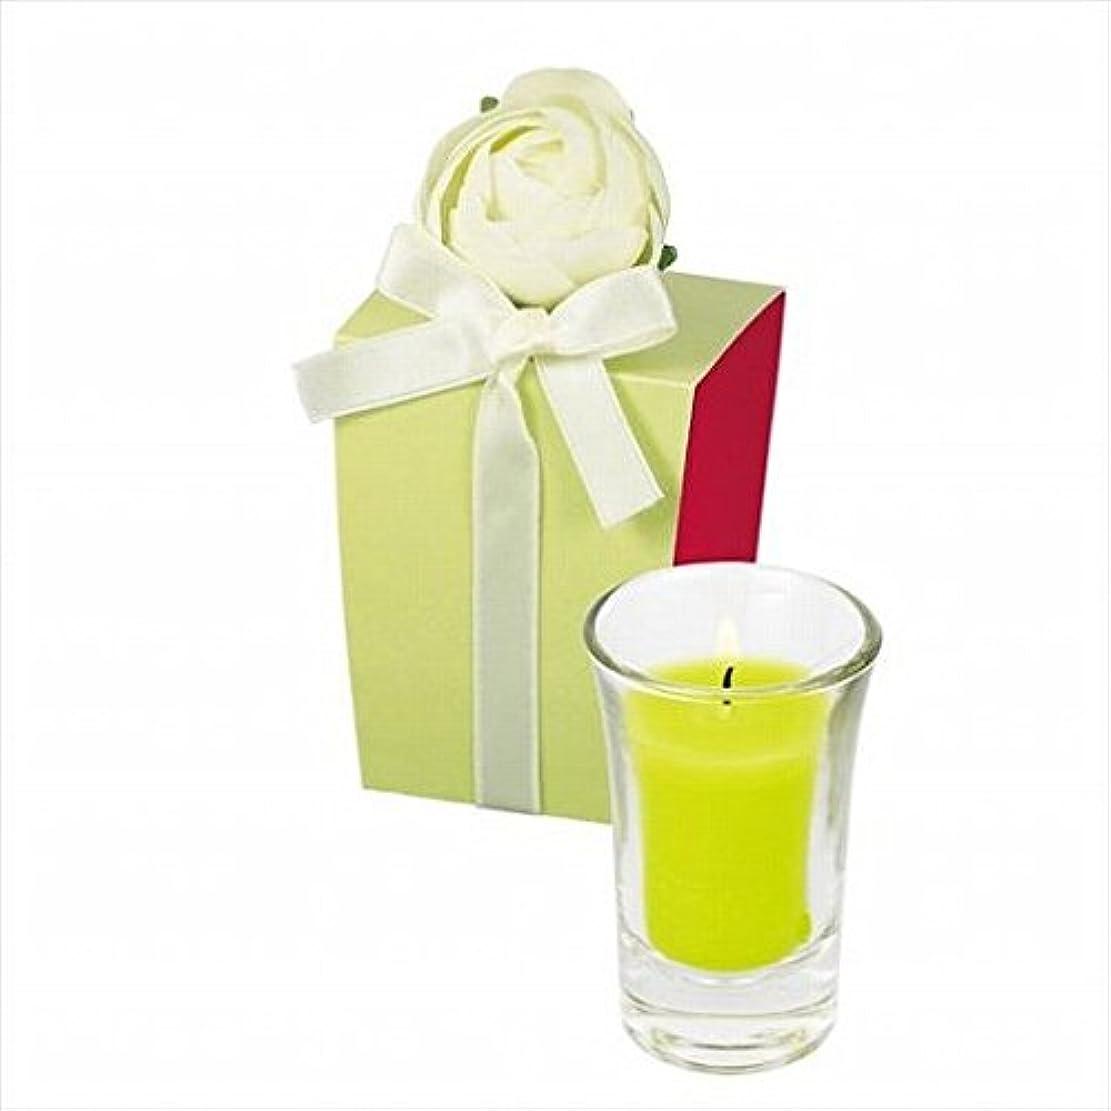 アレルギー性メディアカスケードkameyama candle(カメヤマキャンドル) ラナンキュラスグラスキャンドル 「 ライトグリーン 」(A9390500LG)